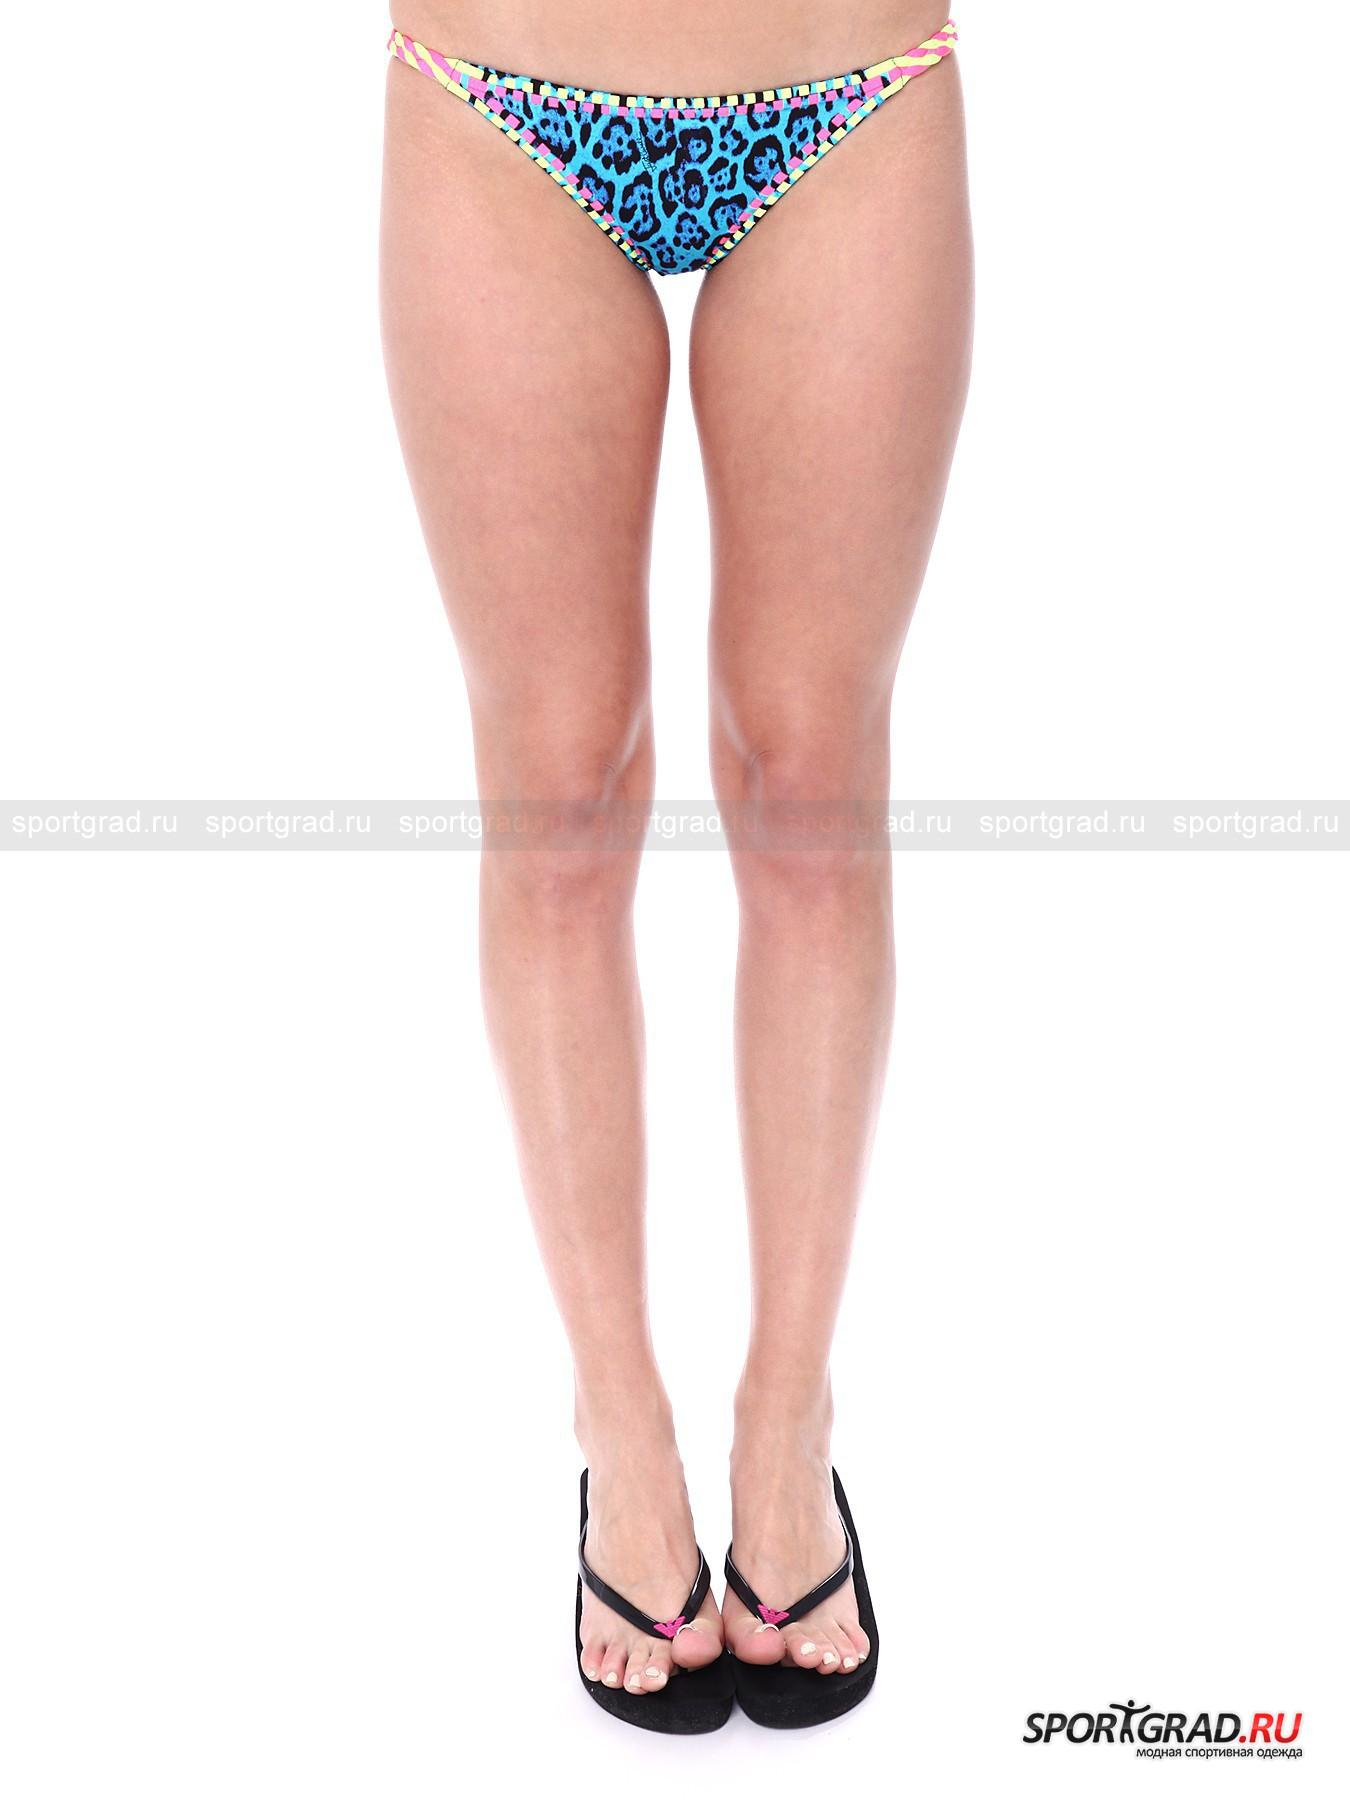 Плавки женские JUST CAVALLIКупальники, Плавки<br>Микроскопические соблазнительные плавки Just Cavalli выглядят весьма смело. Помимо интенсивного синего цвета и «леопардового» принта они снабжены также яркой неоновой отделкой, очень модной в этом сезоне. По бокам веревочки, заплетенные «косичкой», сзади модель имеет форму треугольника, то есть закрывает ягодицы только наполовину.<br><br>Пол: Женский<br>Возраст: Взрослый<br>Тип: Купальники, Плавки<br>Рекомендации по уходу: ручная стирка; нельзя отбеливать, гладить, подвергать химической чистке, выжимать и сушить в стиральной машине<br>Состав: 82% нейлон, 18% эластан